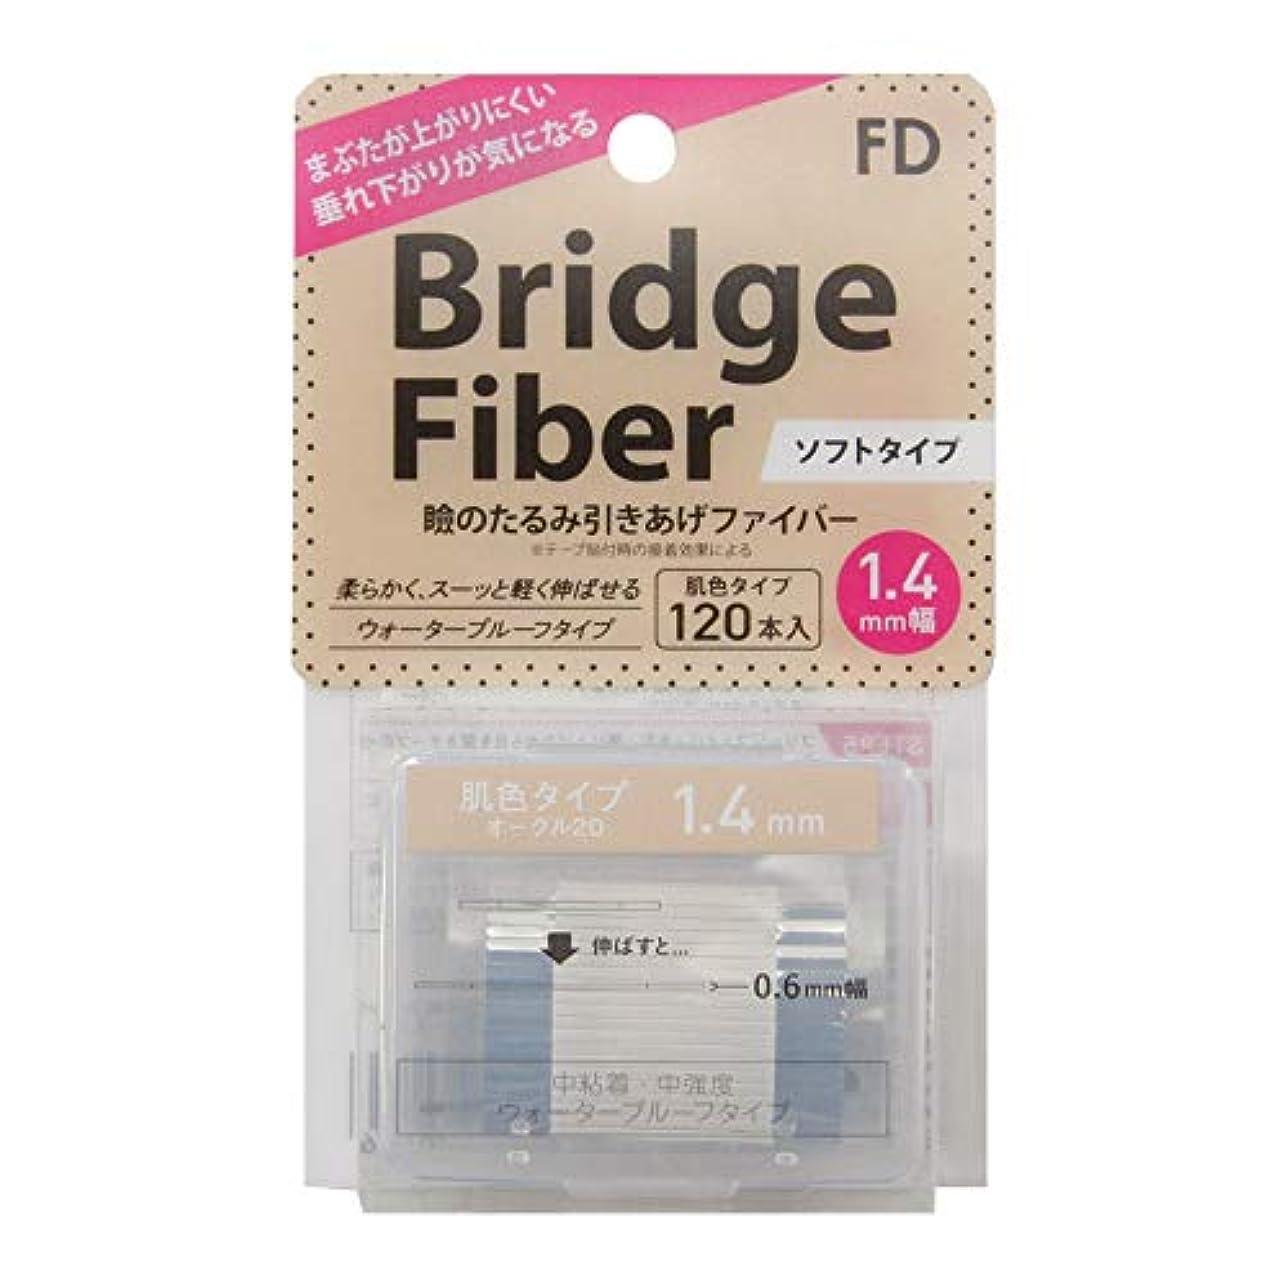 大胆不敵猟犬適応FD ブリッジソフトファイバー 二重テープ 二重まぶた くせ付け ソフトタイプ 肌色1.4mm幅 120本入り y2